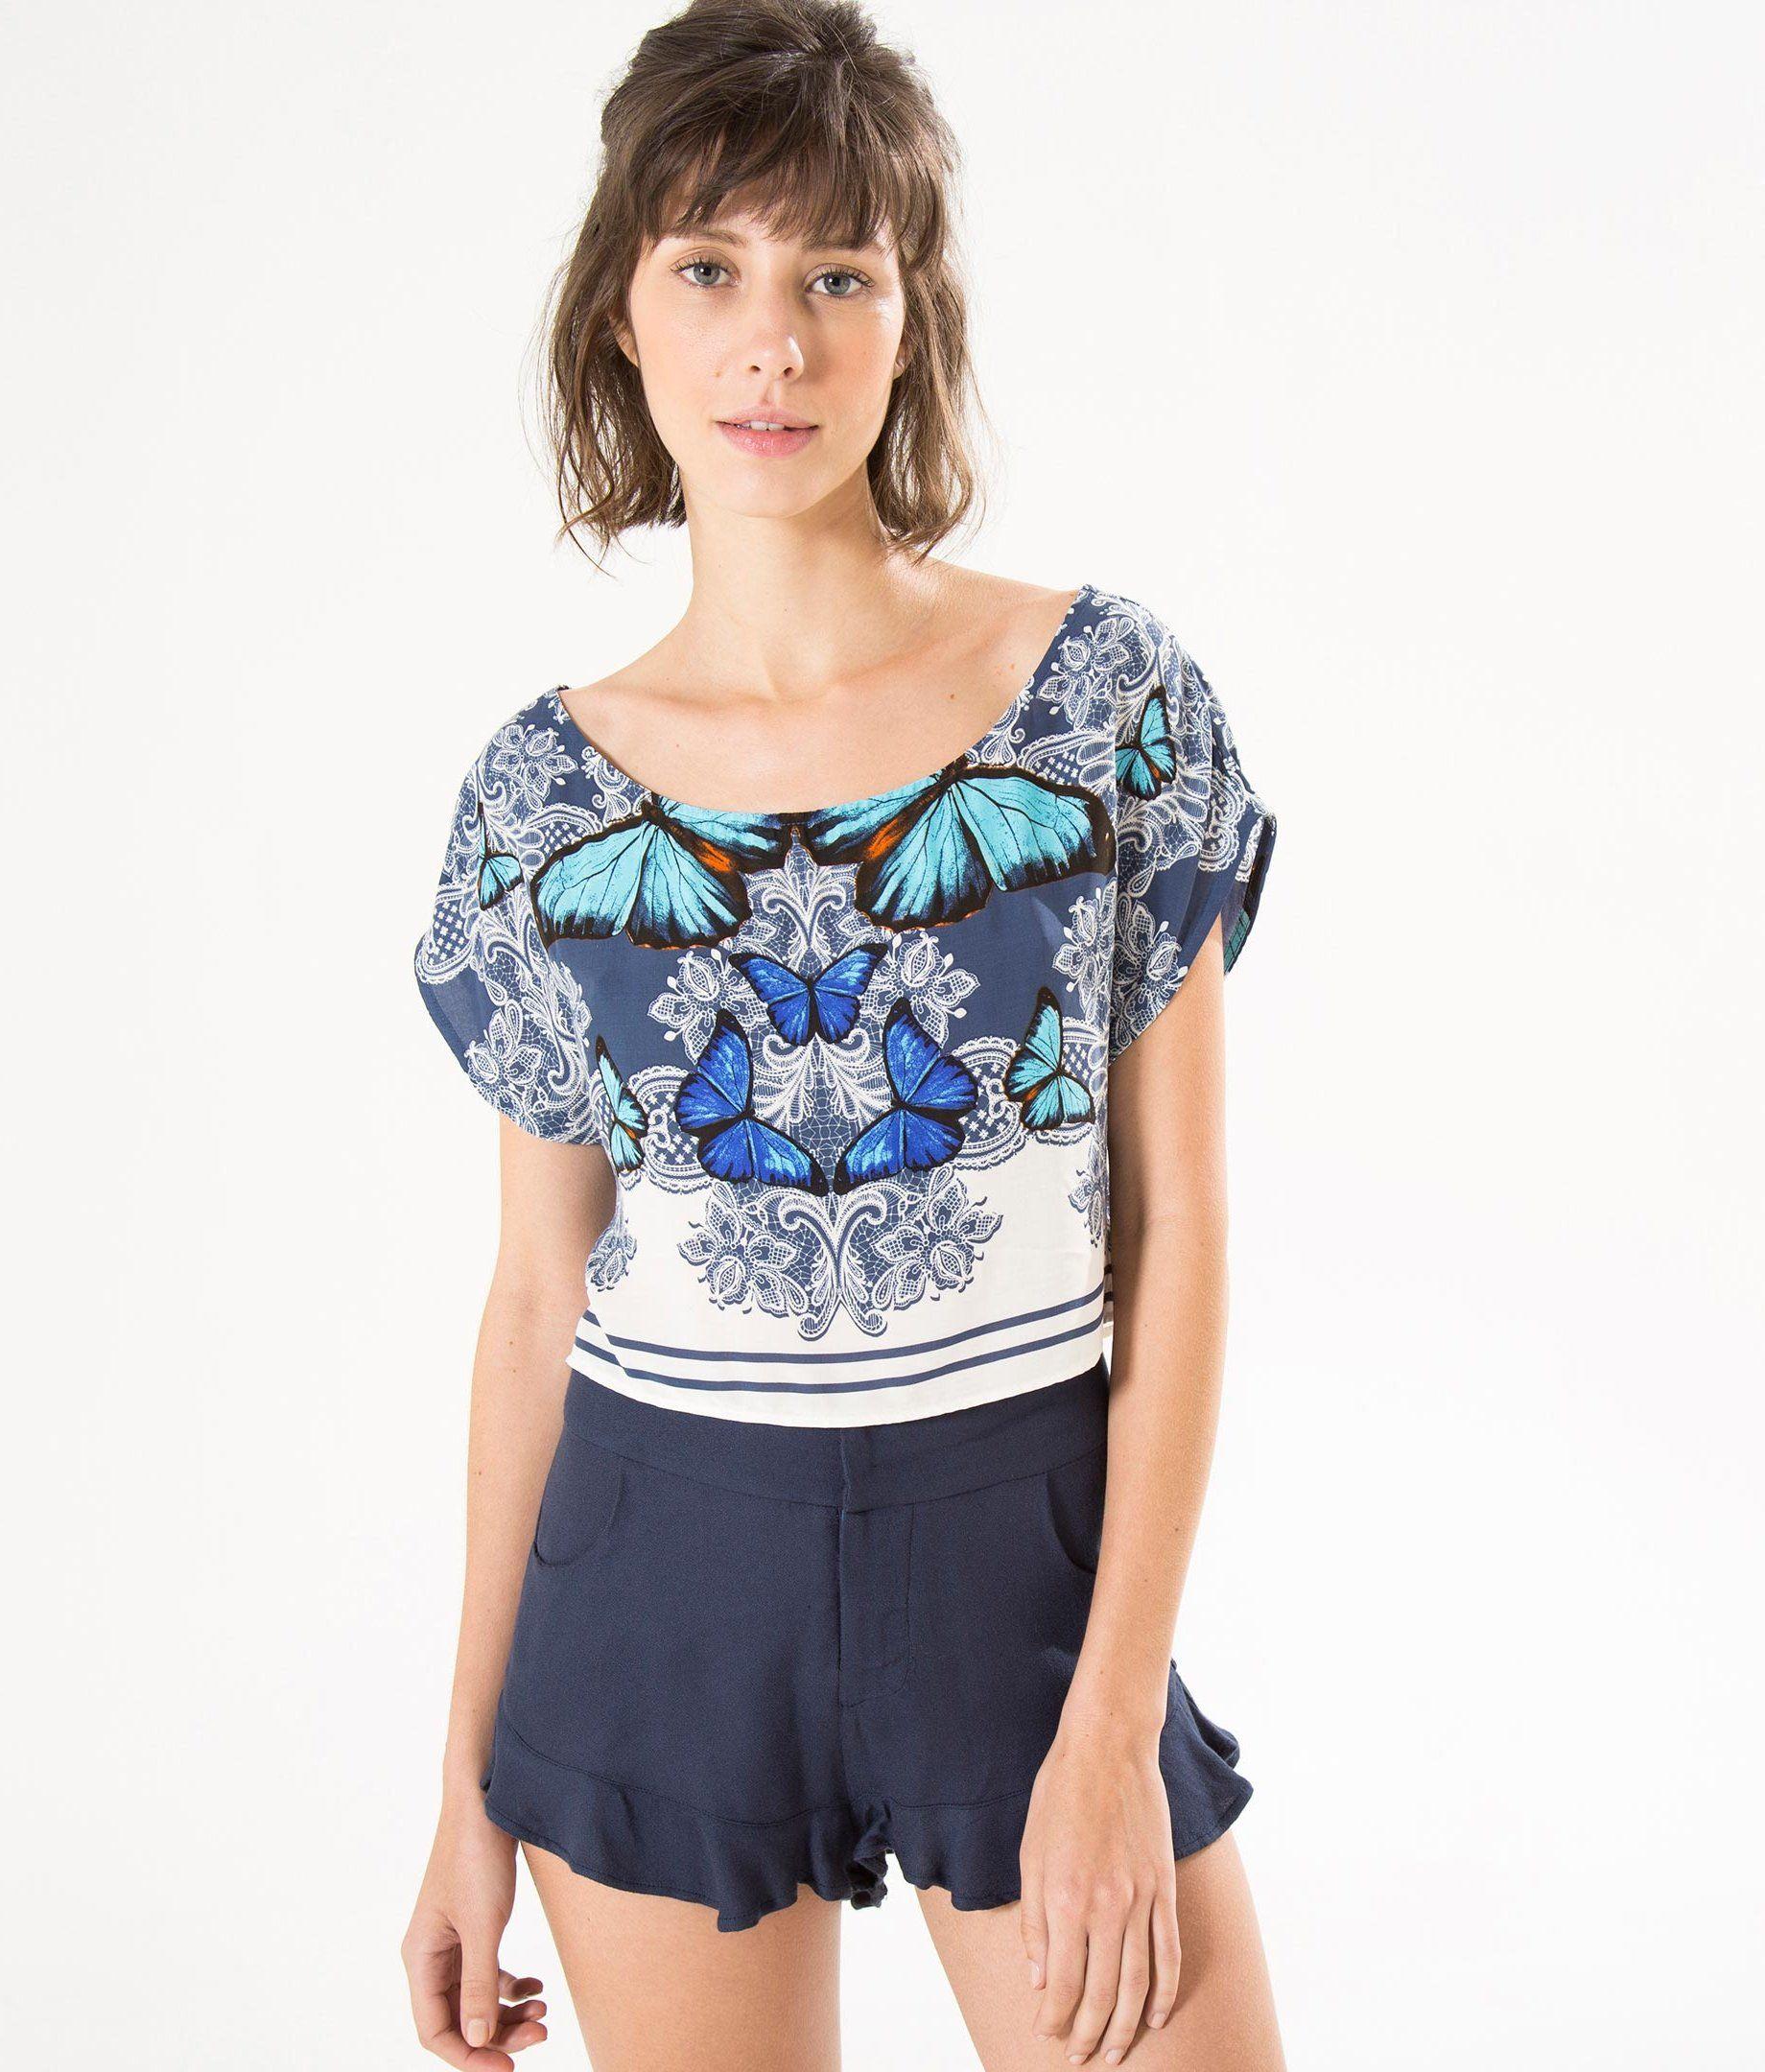 d5501694da blusa quadrada borbomar espelhado